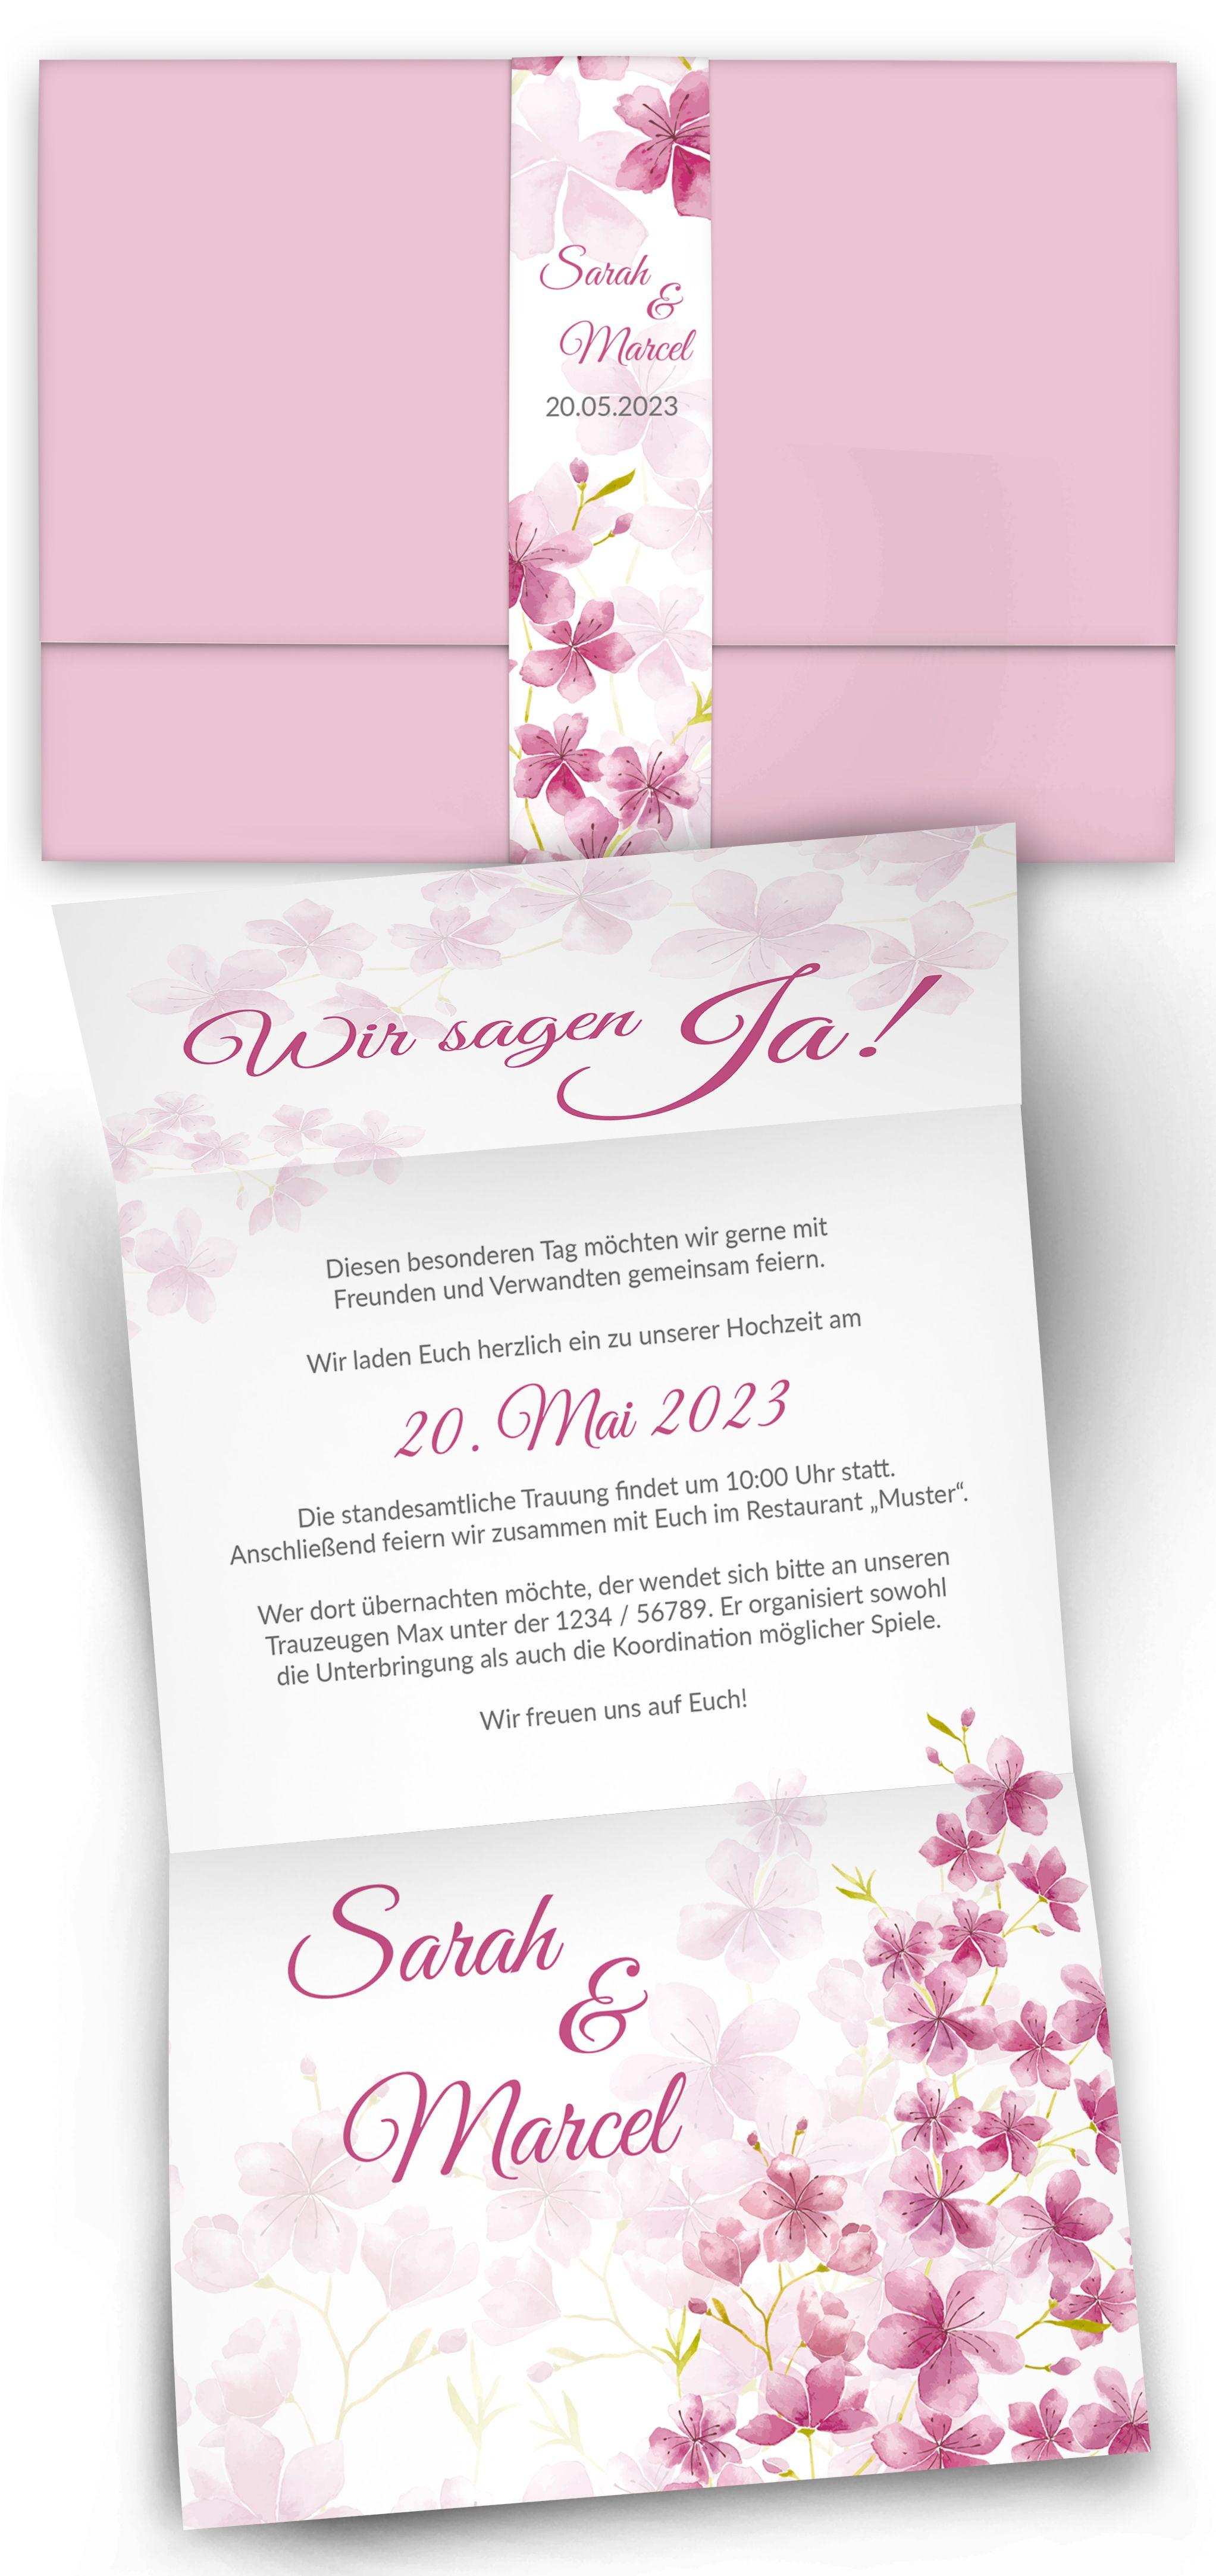 Entdecken Sie Das Besondere Format Mit Banderole Das Elegante Kirschblutendesign Gibt Es In Zw Hochzeitseinladung Einladungen Hochzeit Einladung Hochzeit Text